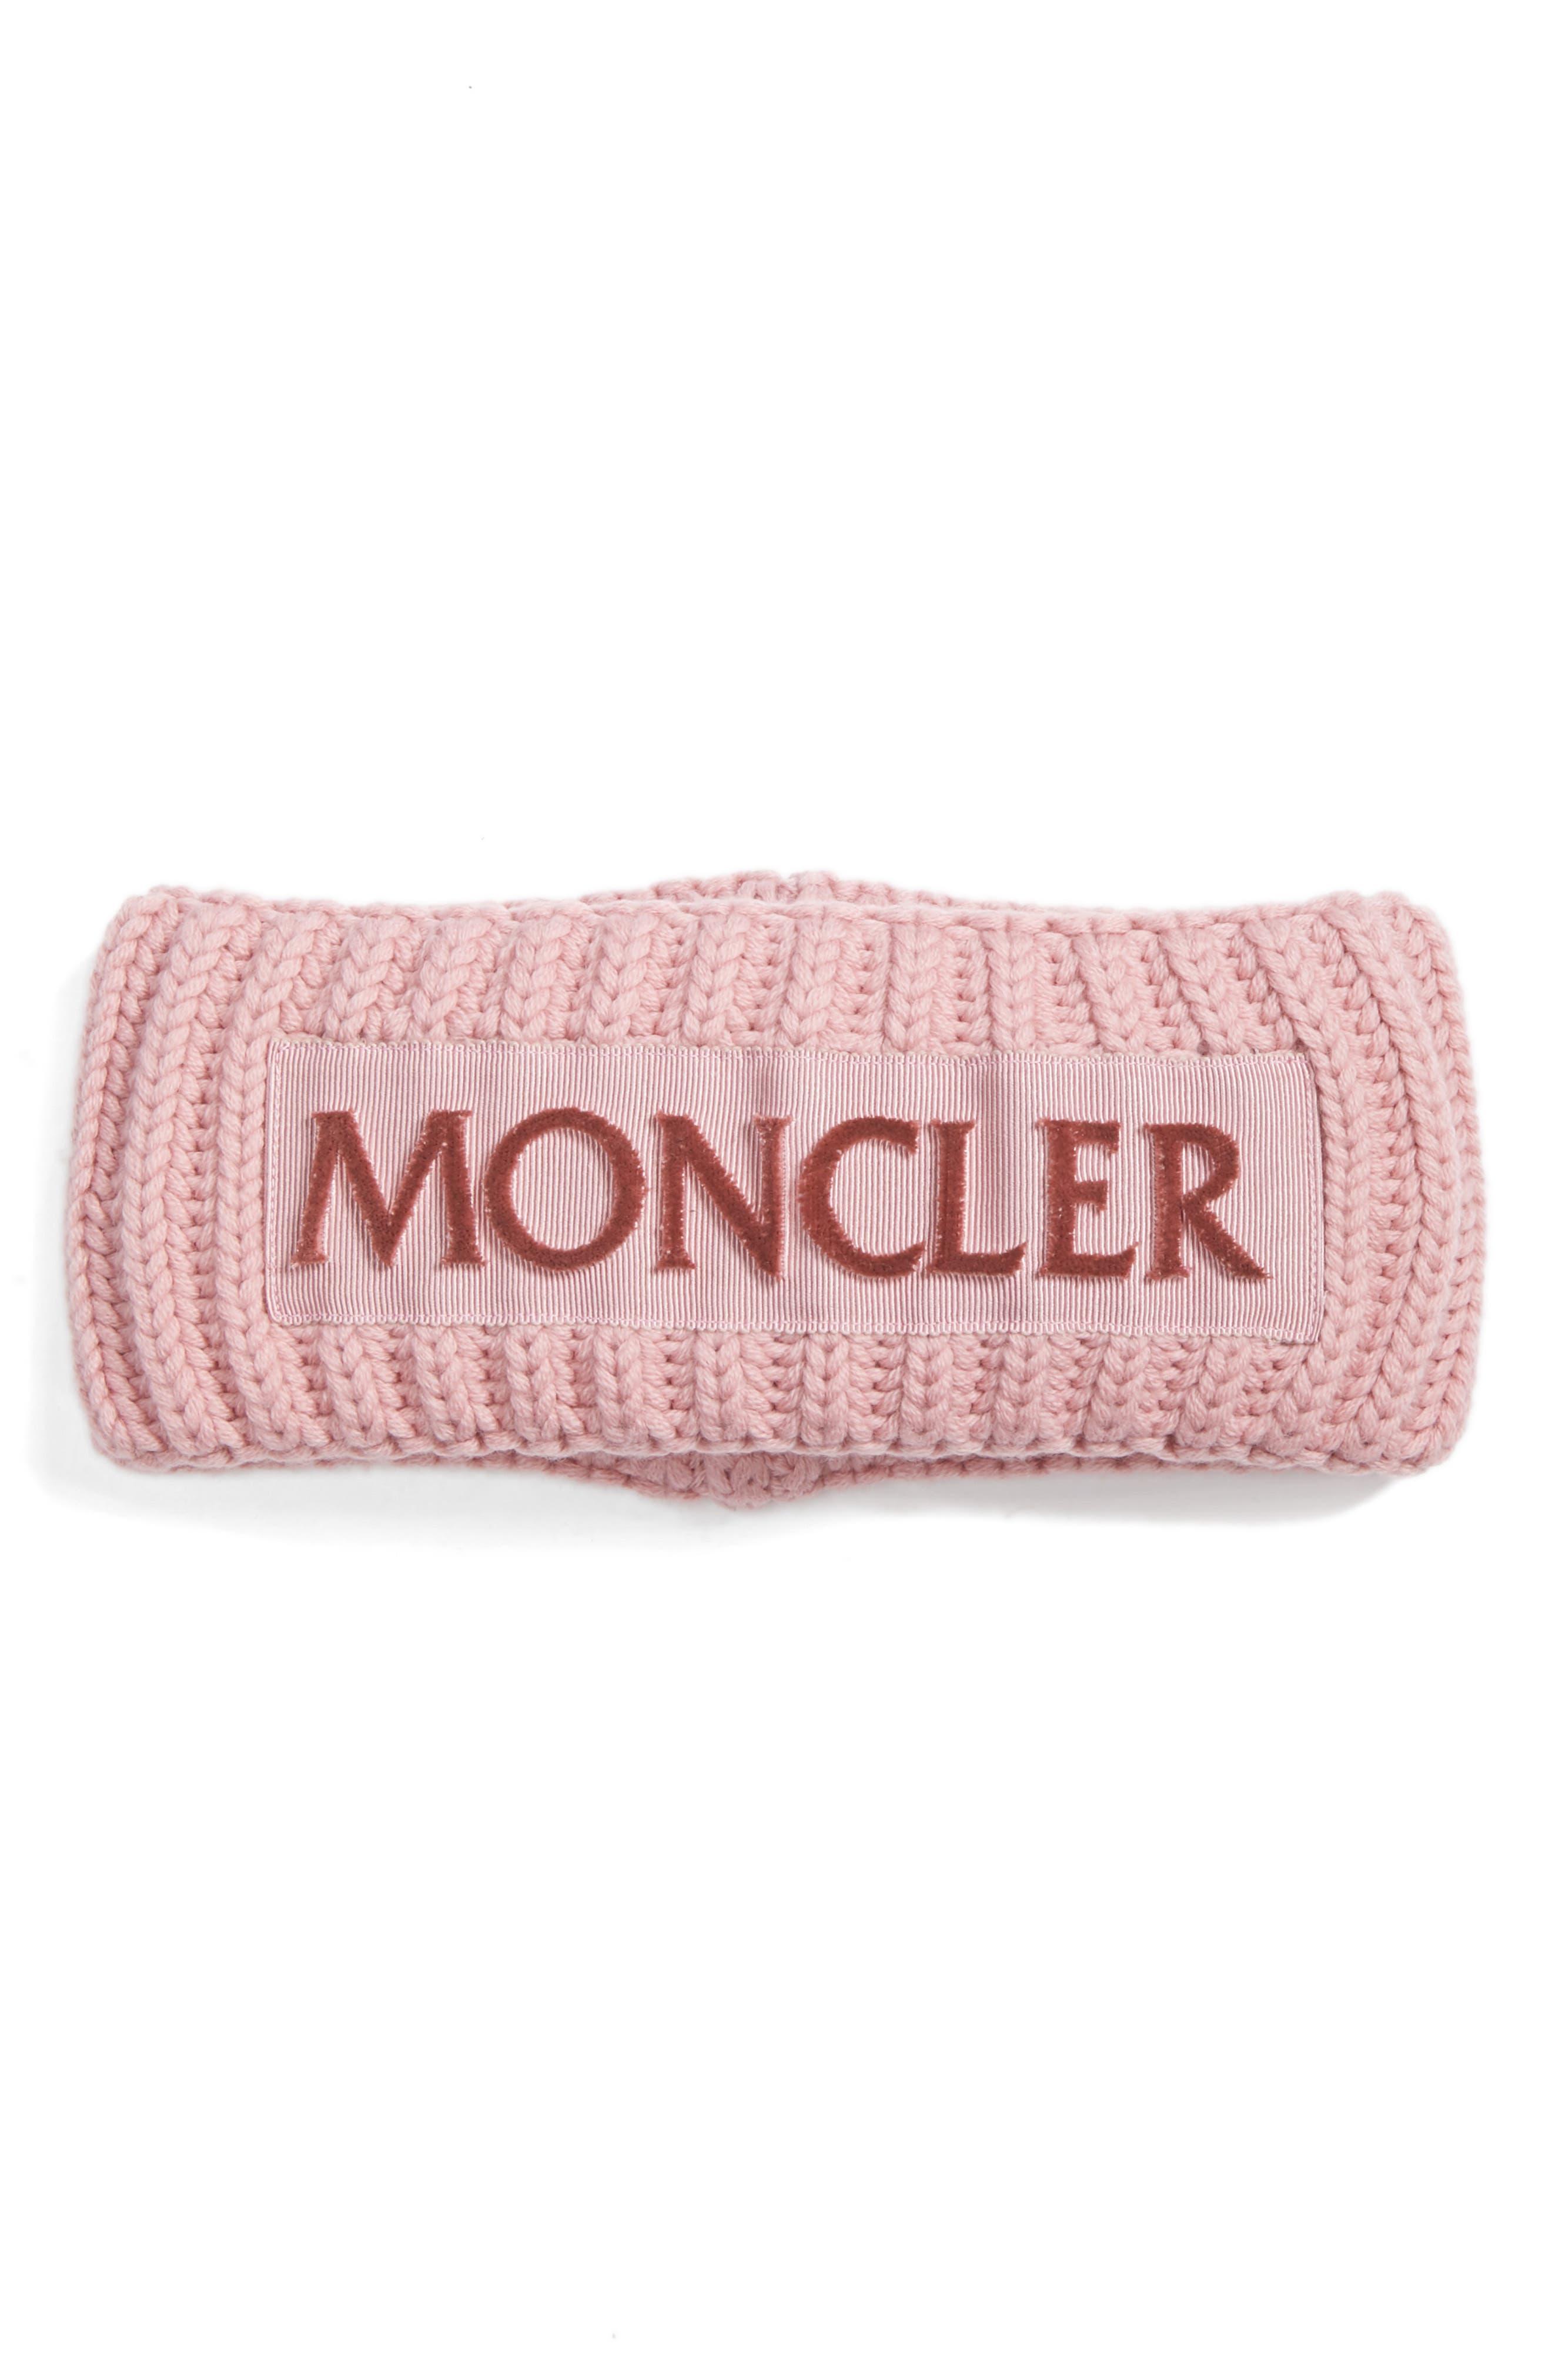 MONCLER, Rib Knit Headband, Main thumbnail 1, color, 662